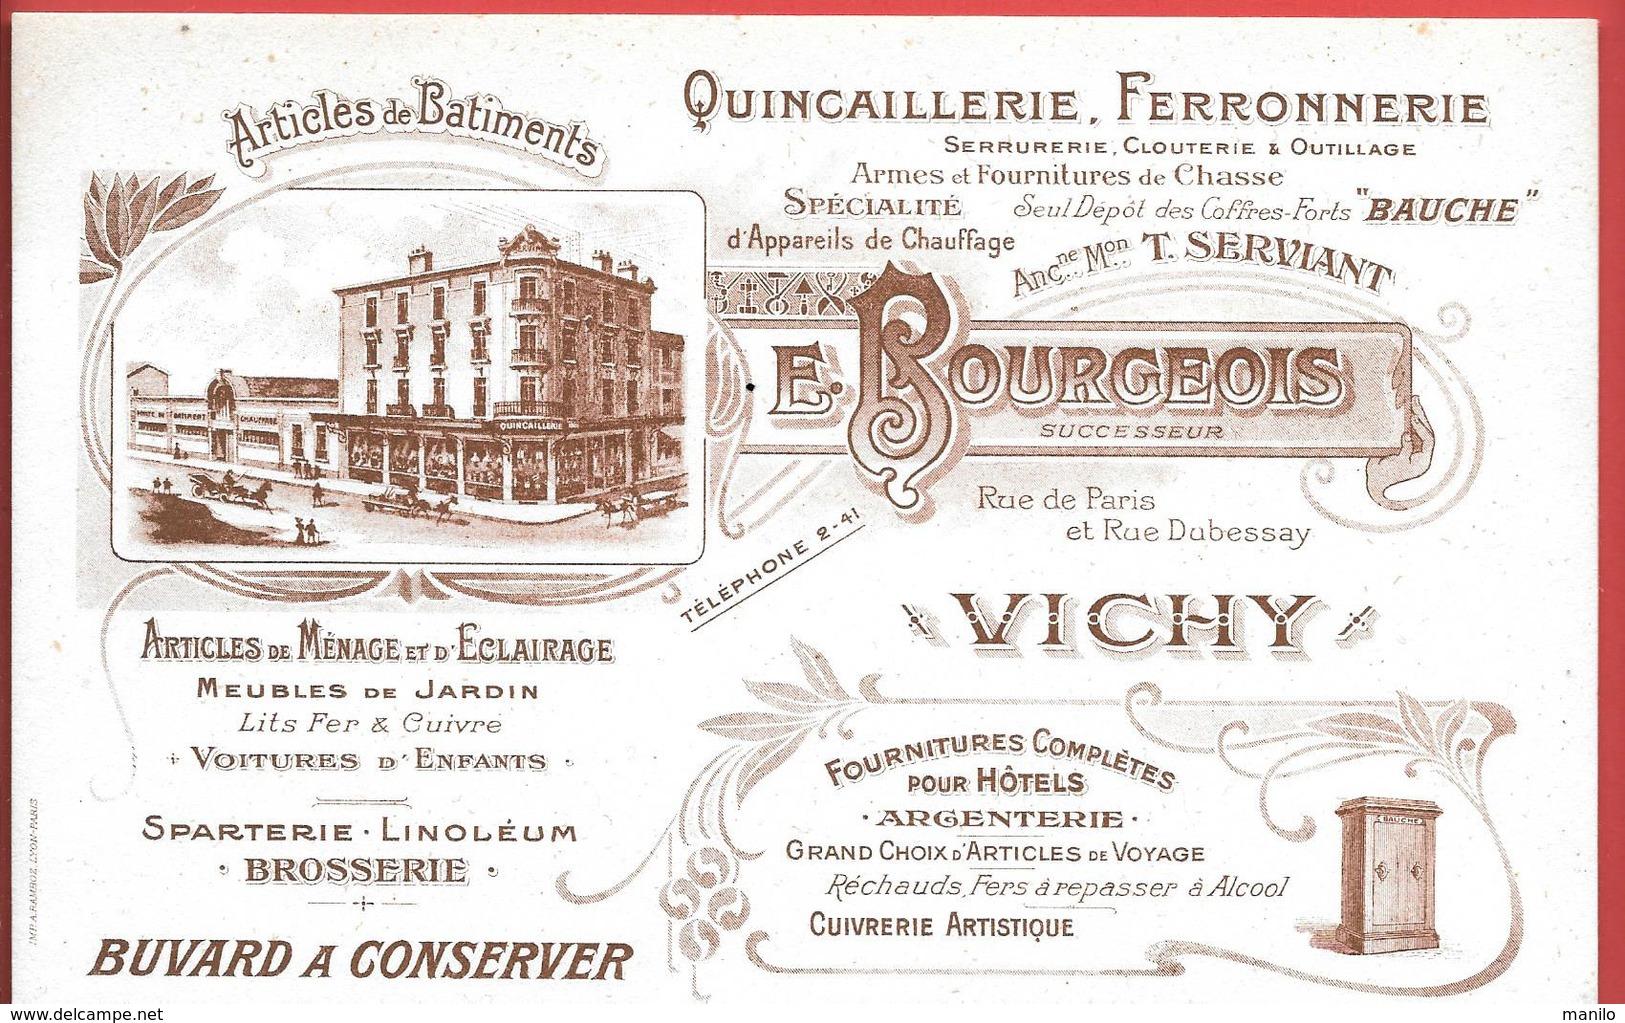 Buvard Années 1900 - E.BOURGEOIS à VICHY - Anc.T. SERVIANT - QUINCAILLERIE, ARMES,FOURNITURES DE CHASSE -coffres BAUCHE - Buvards, Protège-cahiers Illustrés